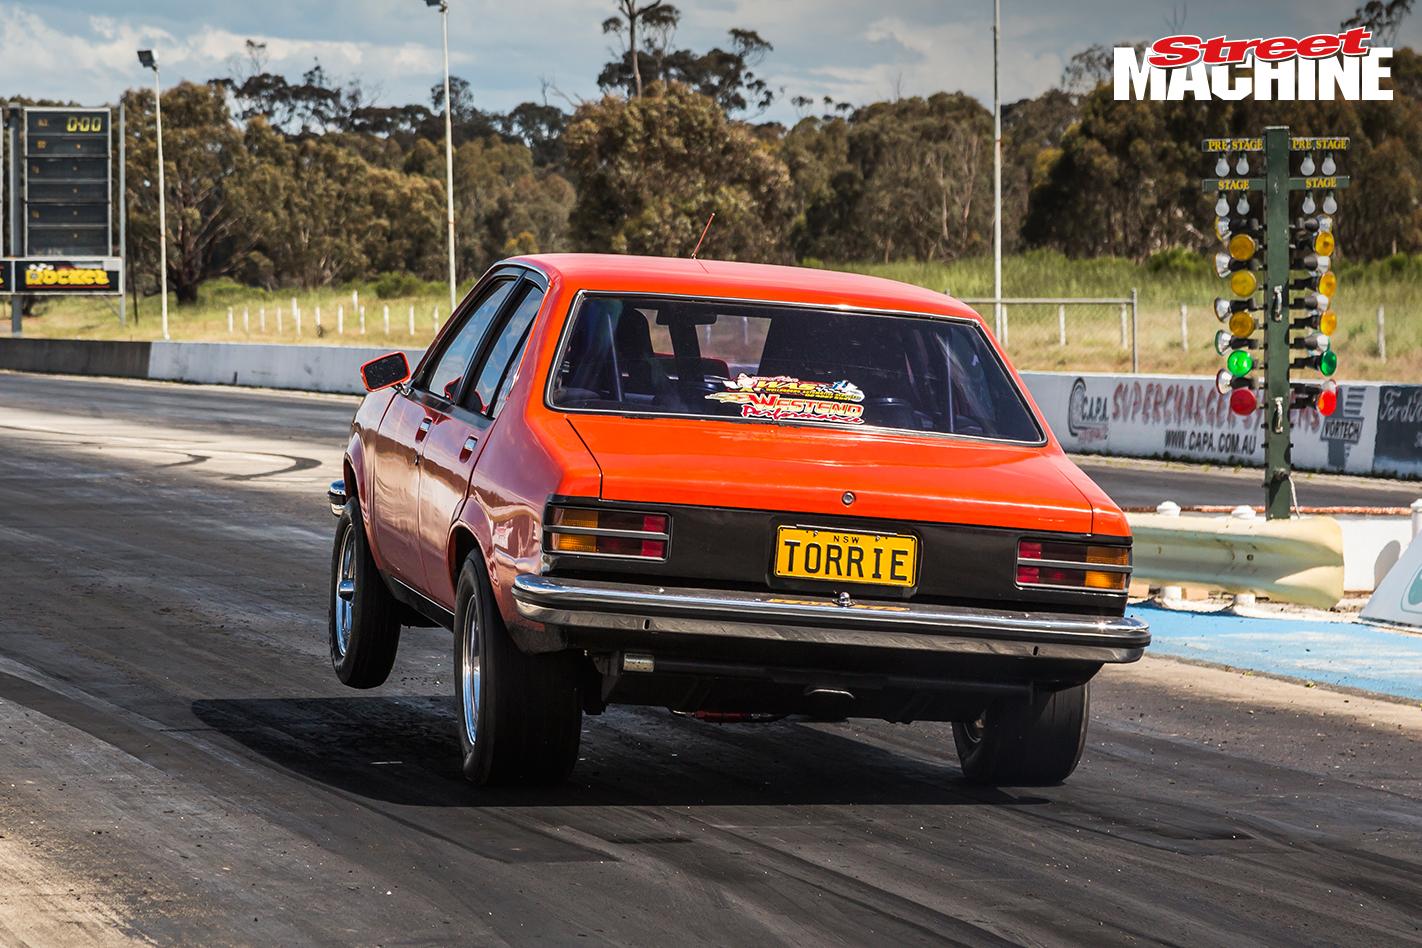 Holden LH Torana 427 TORRIE 4